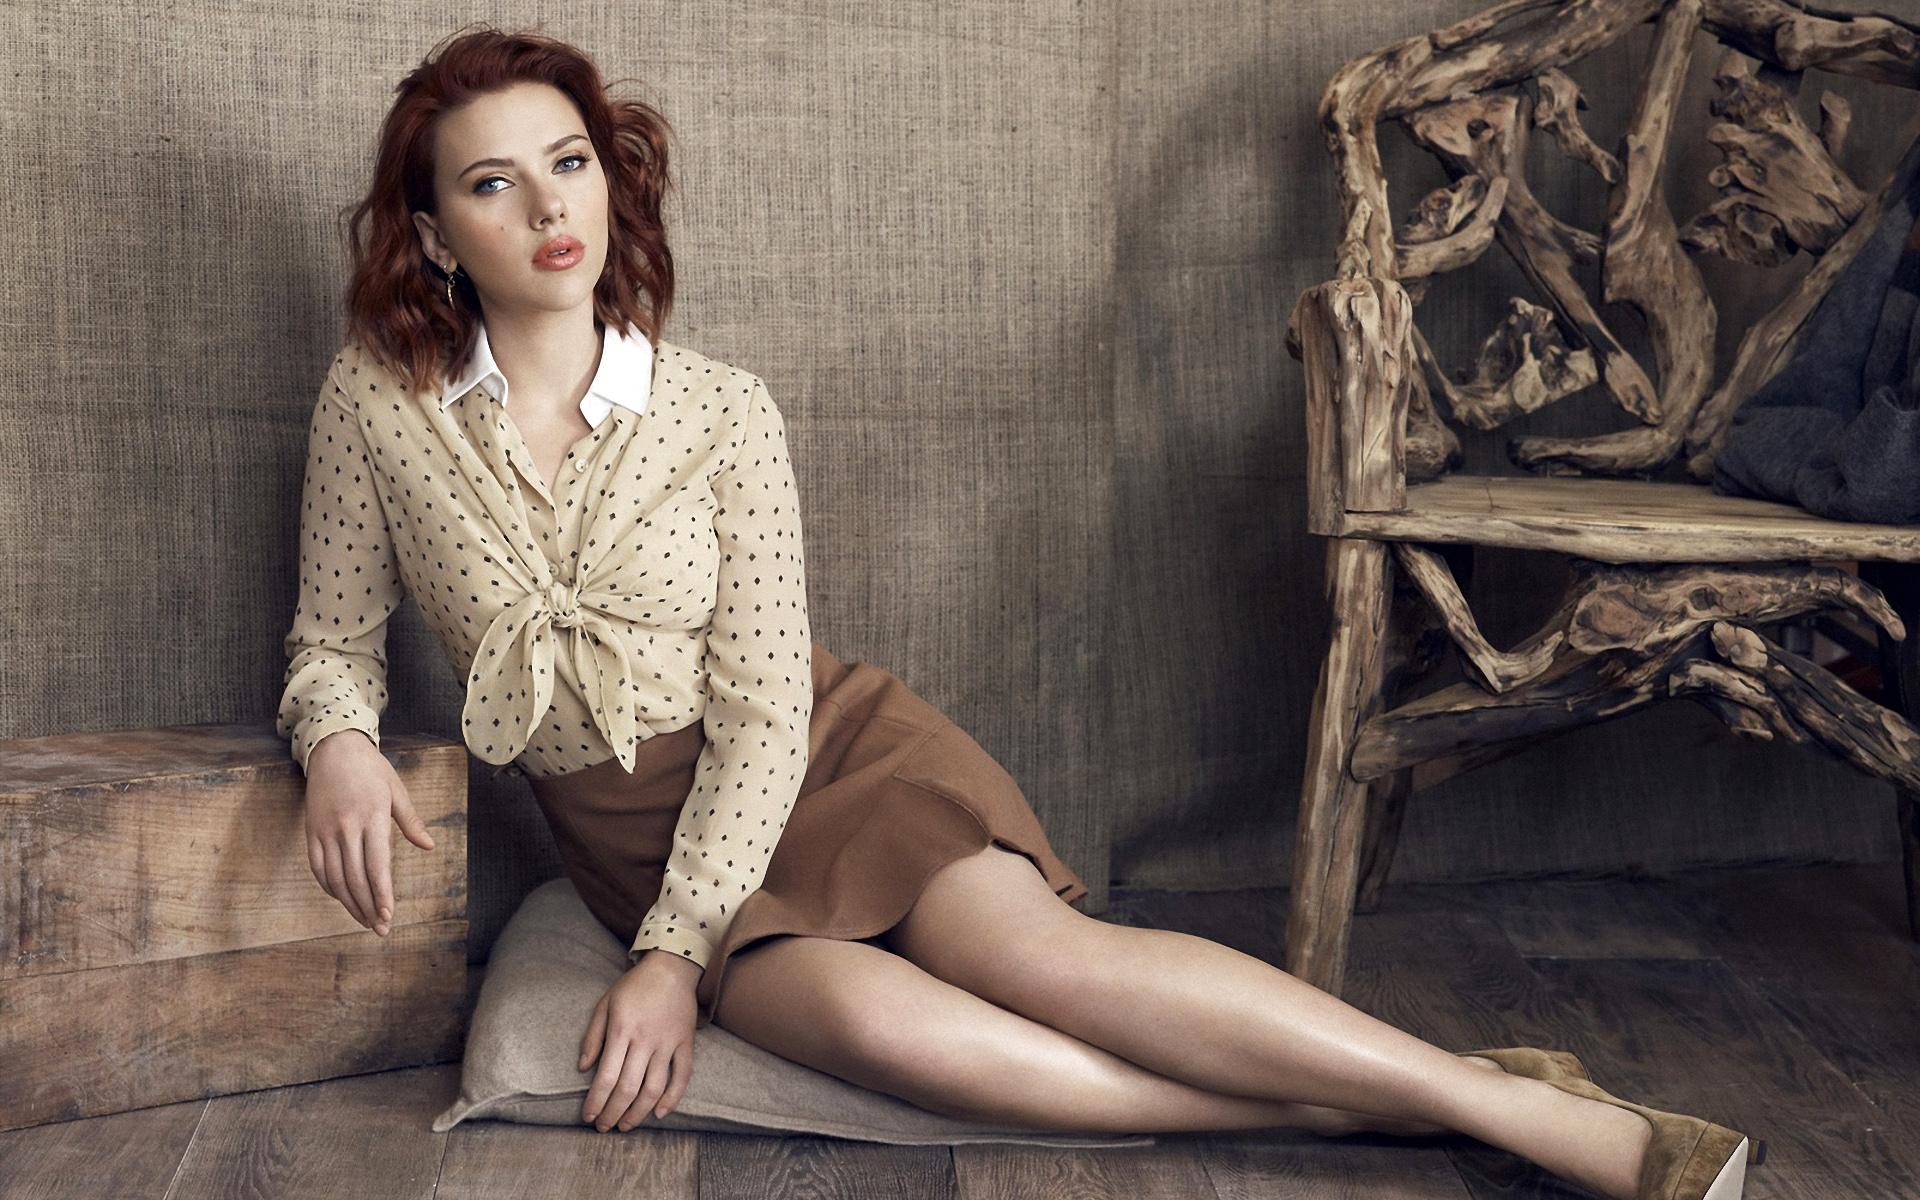 HD Wallpapers Scarlett Johansson 5